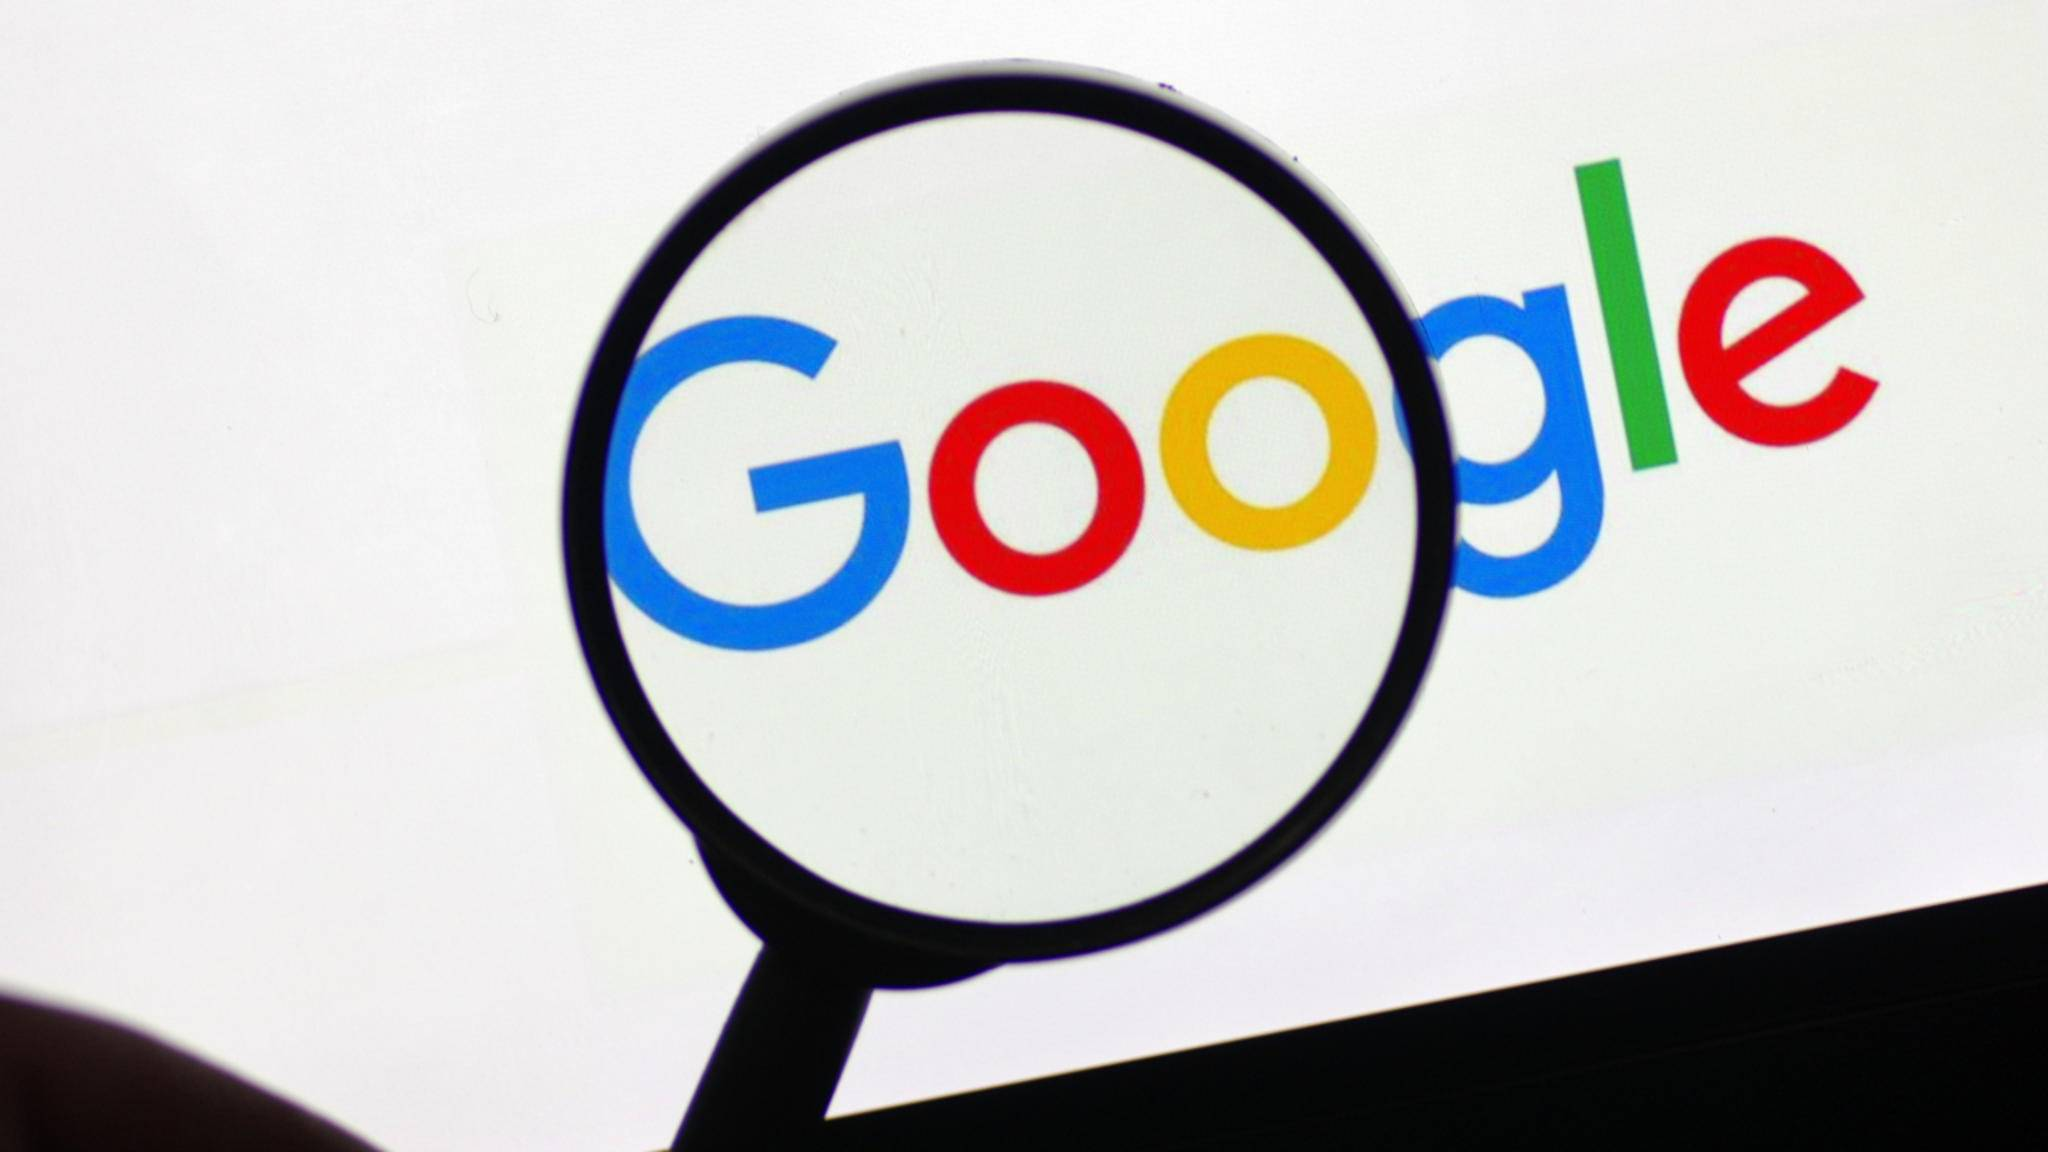 Wir müssen nicht mehr suchen: Alle Infos zu Googles Project Stream bekommen wir wahrscheinlich im März.